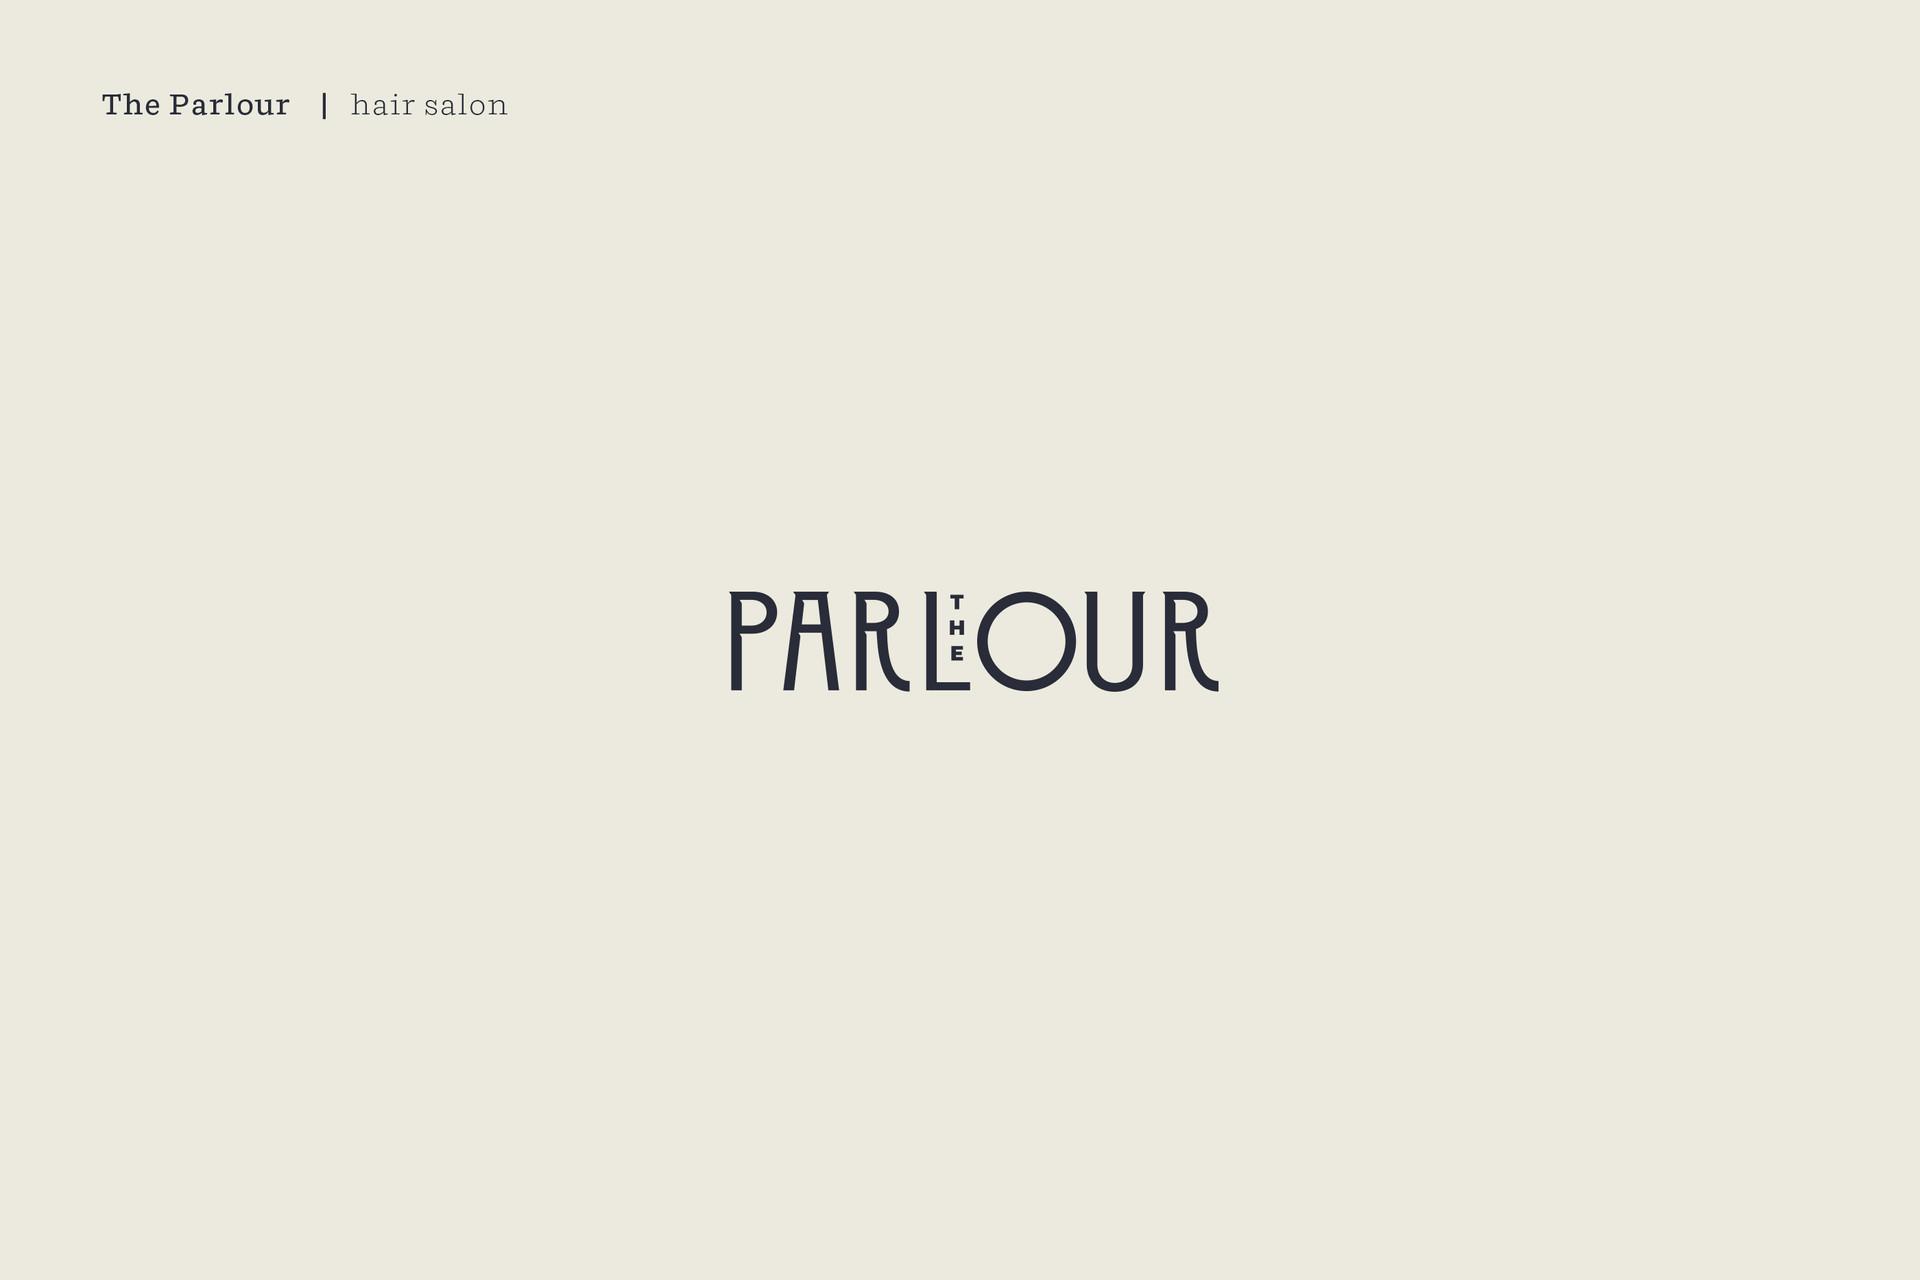 parlour.jpg